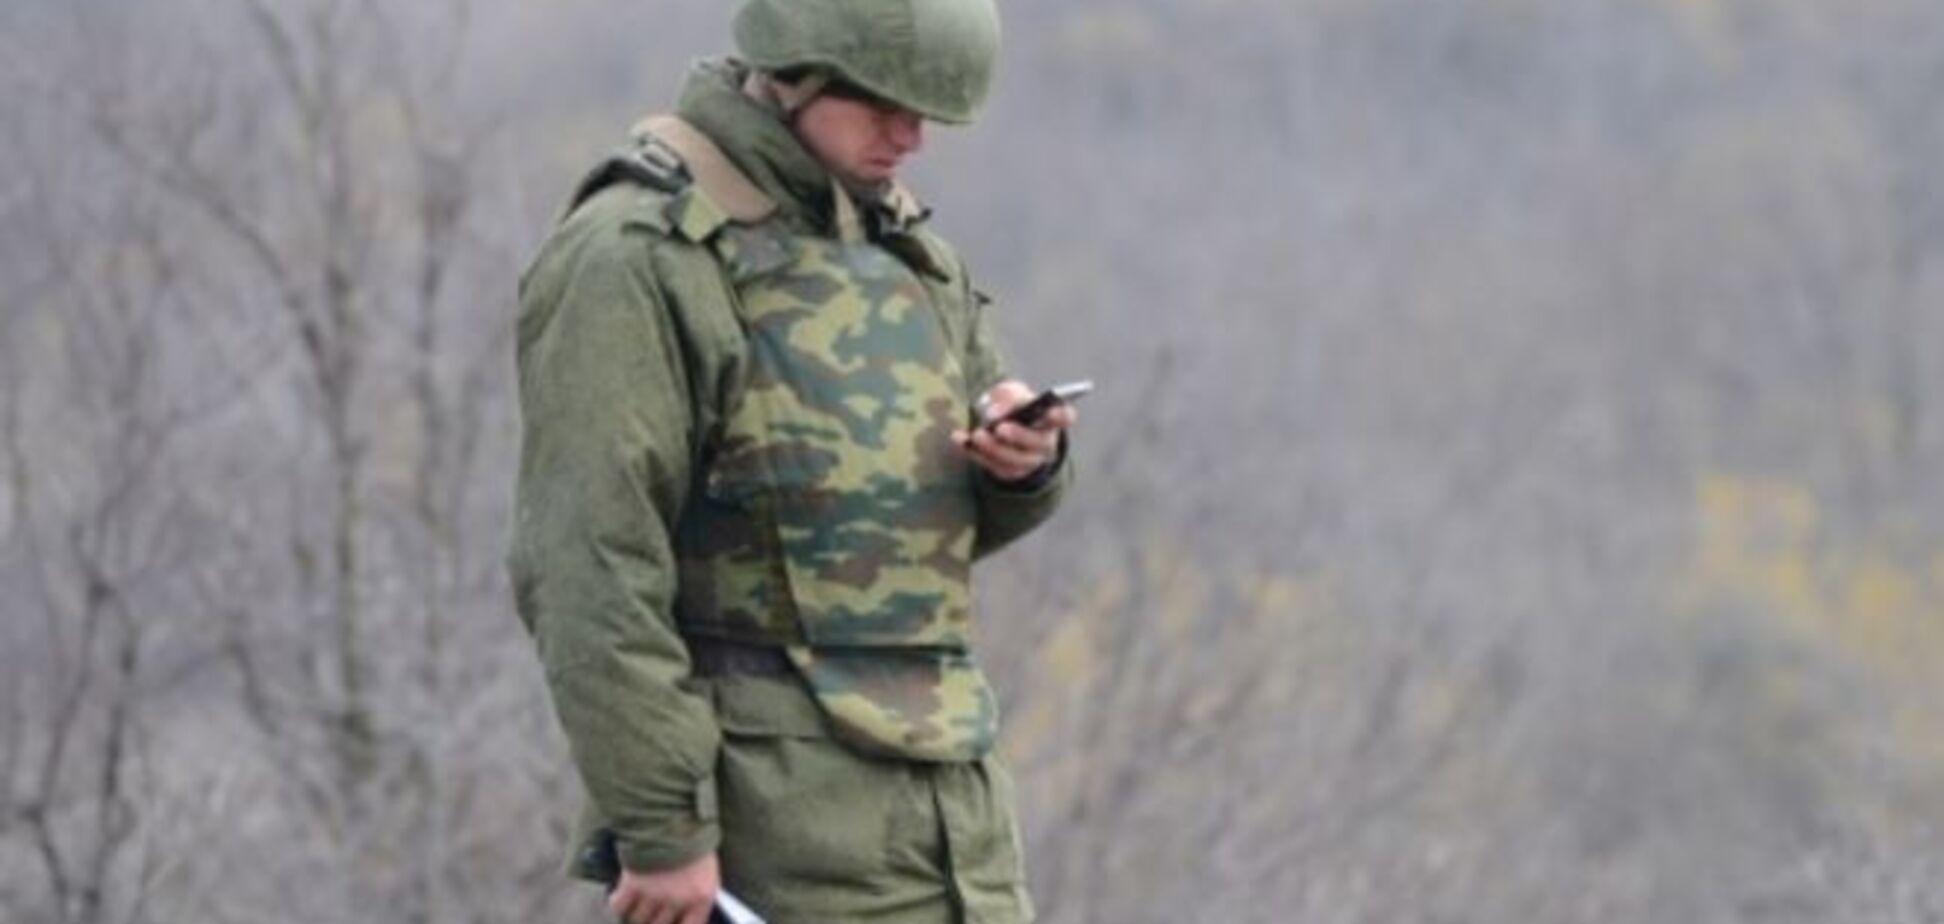 Солдатам воинской части, где служили пленные ГРУшники, приказали удалиться из соцсетей